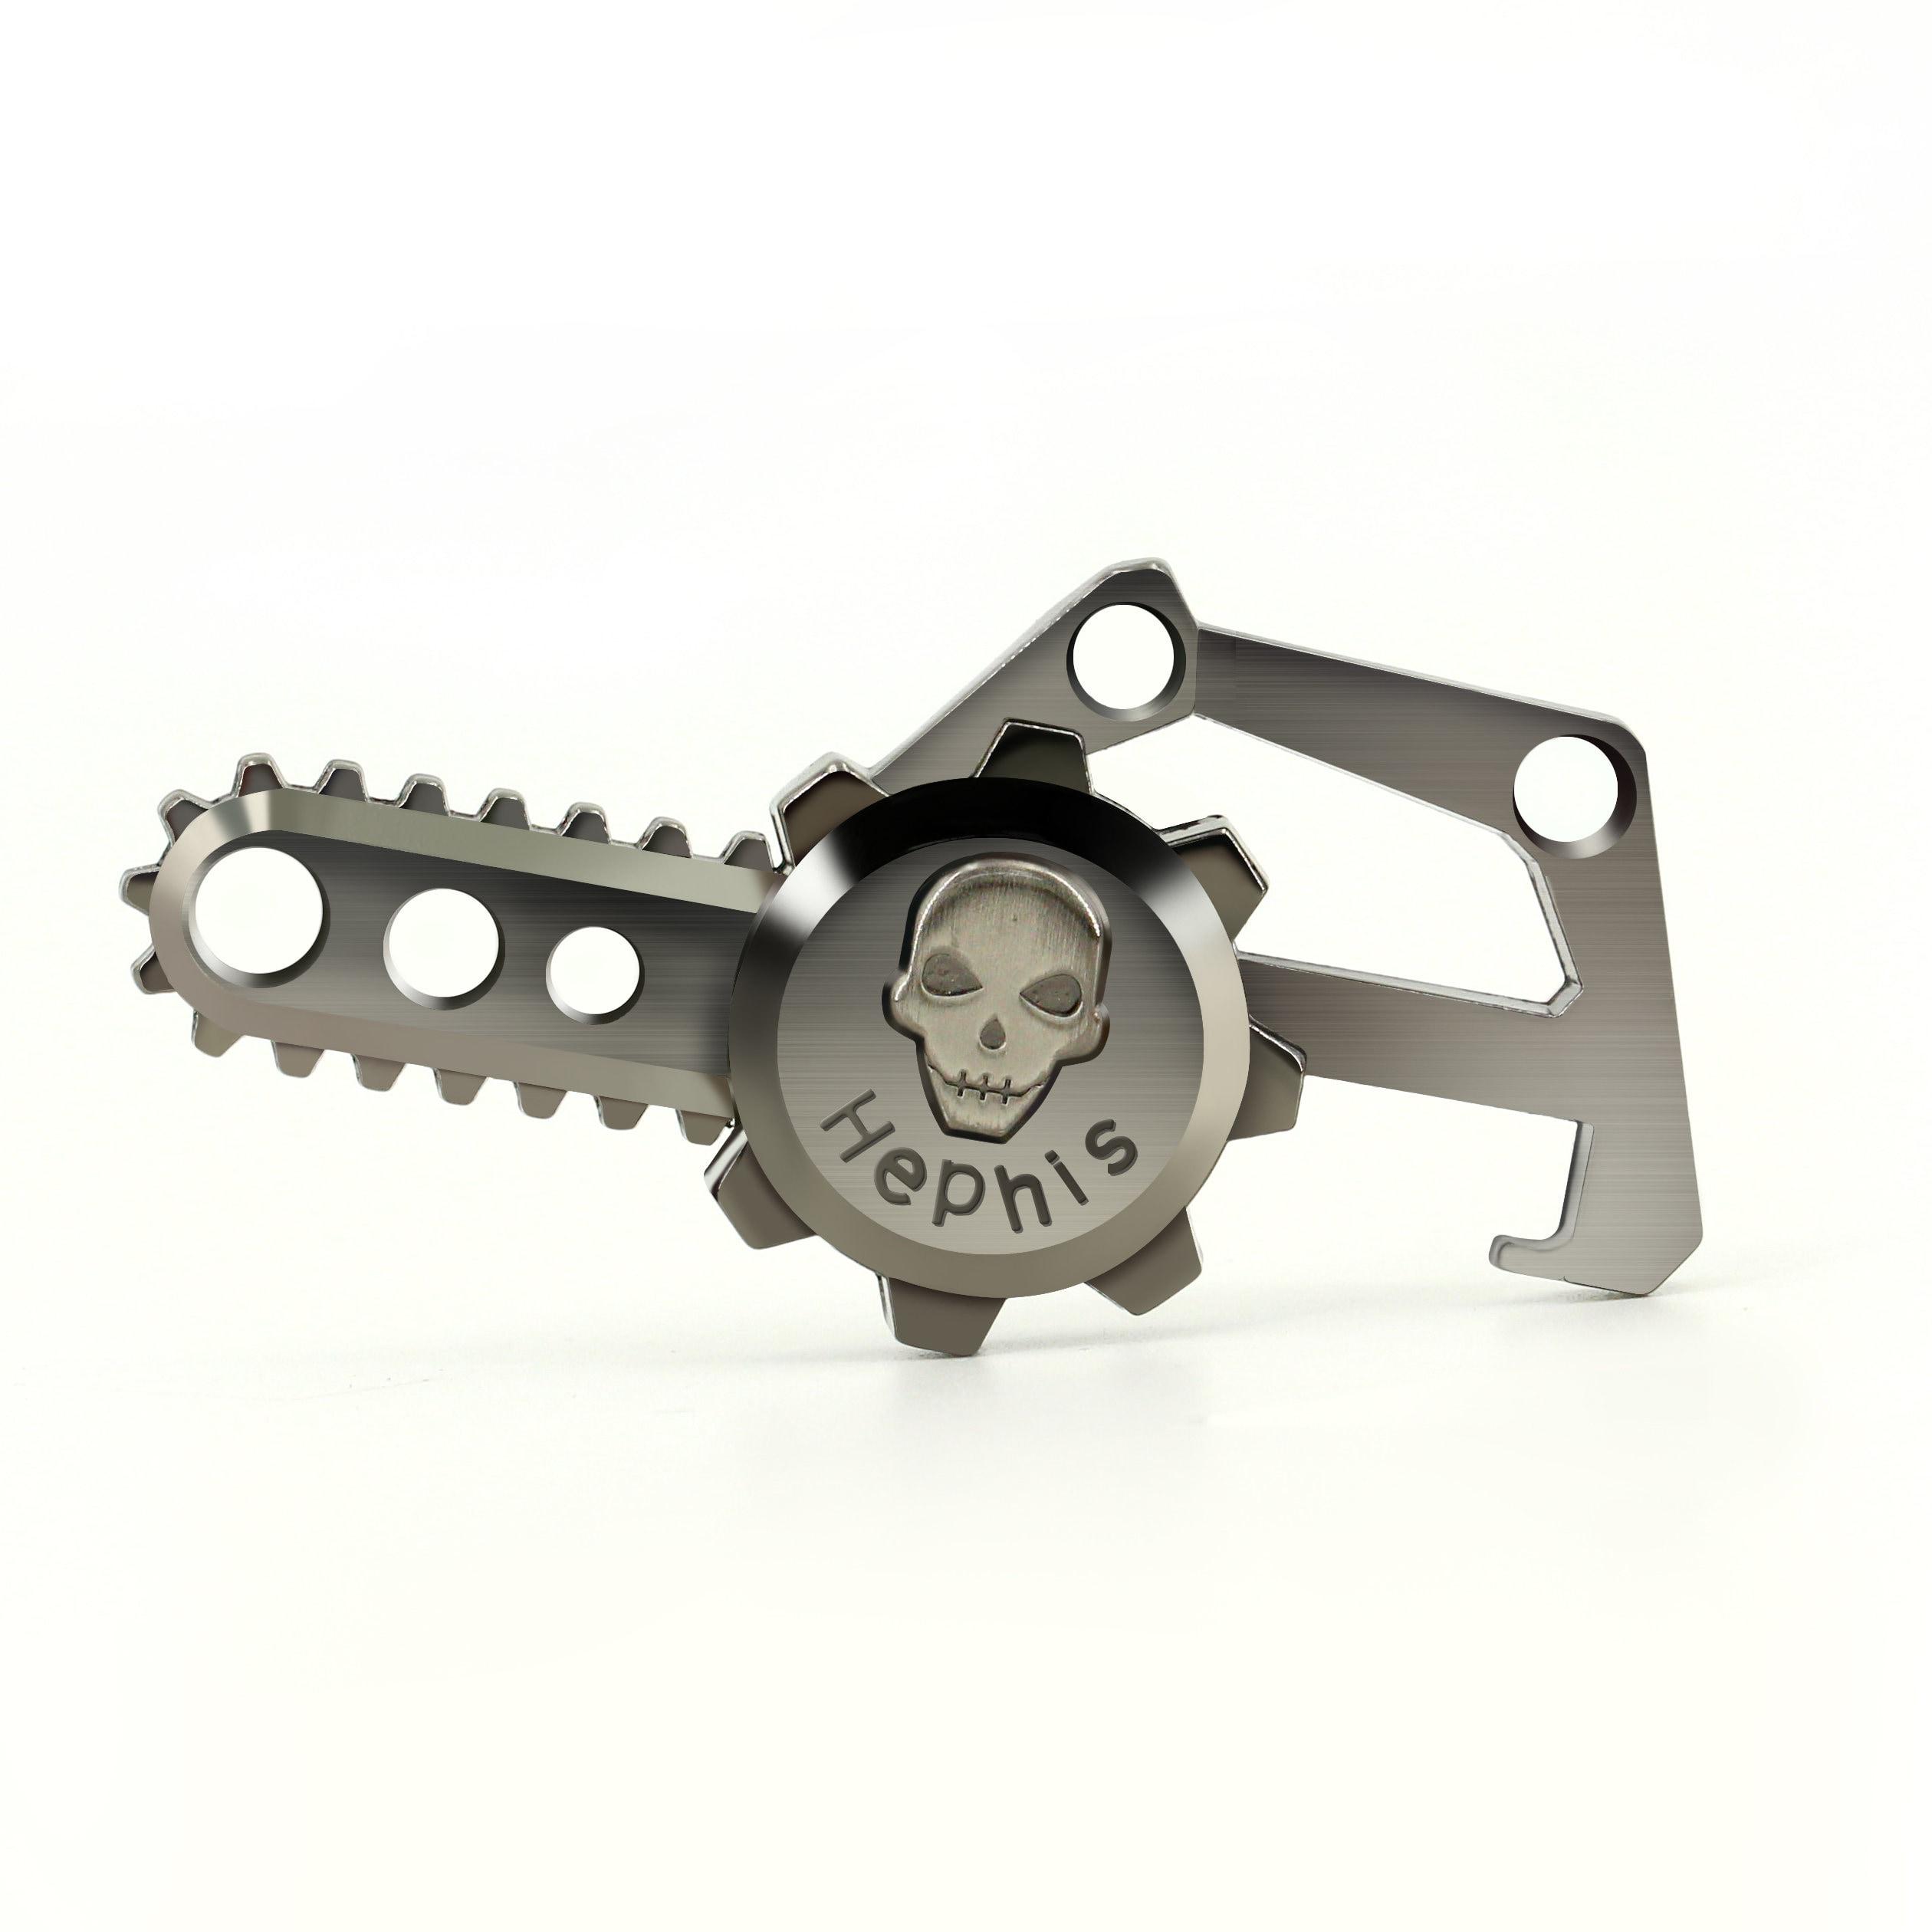 Key Chain Unique Angel Devil Skull Key Holder Ring Multi Function Bottle Opener